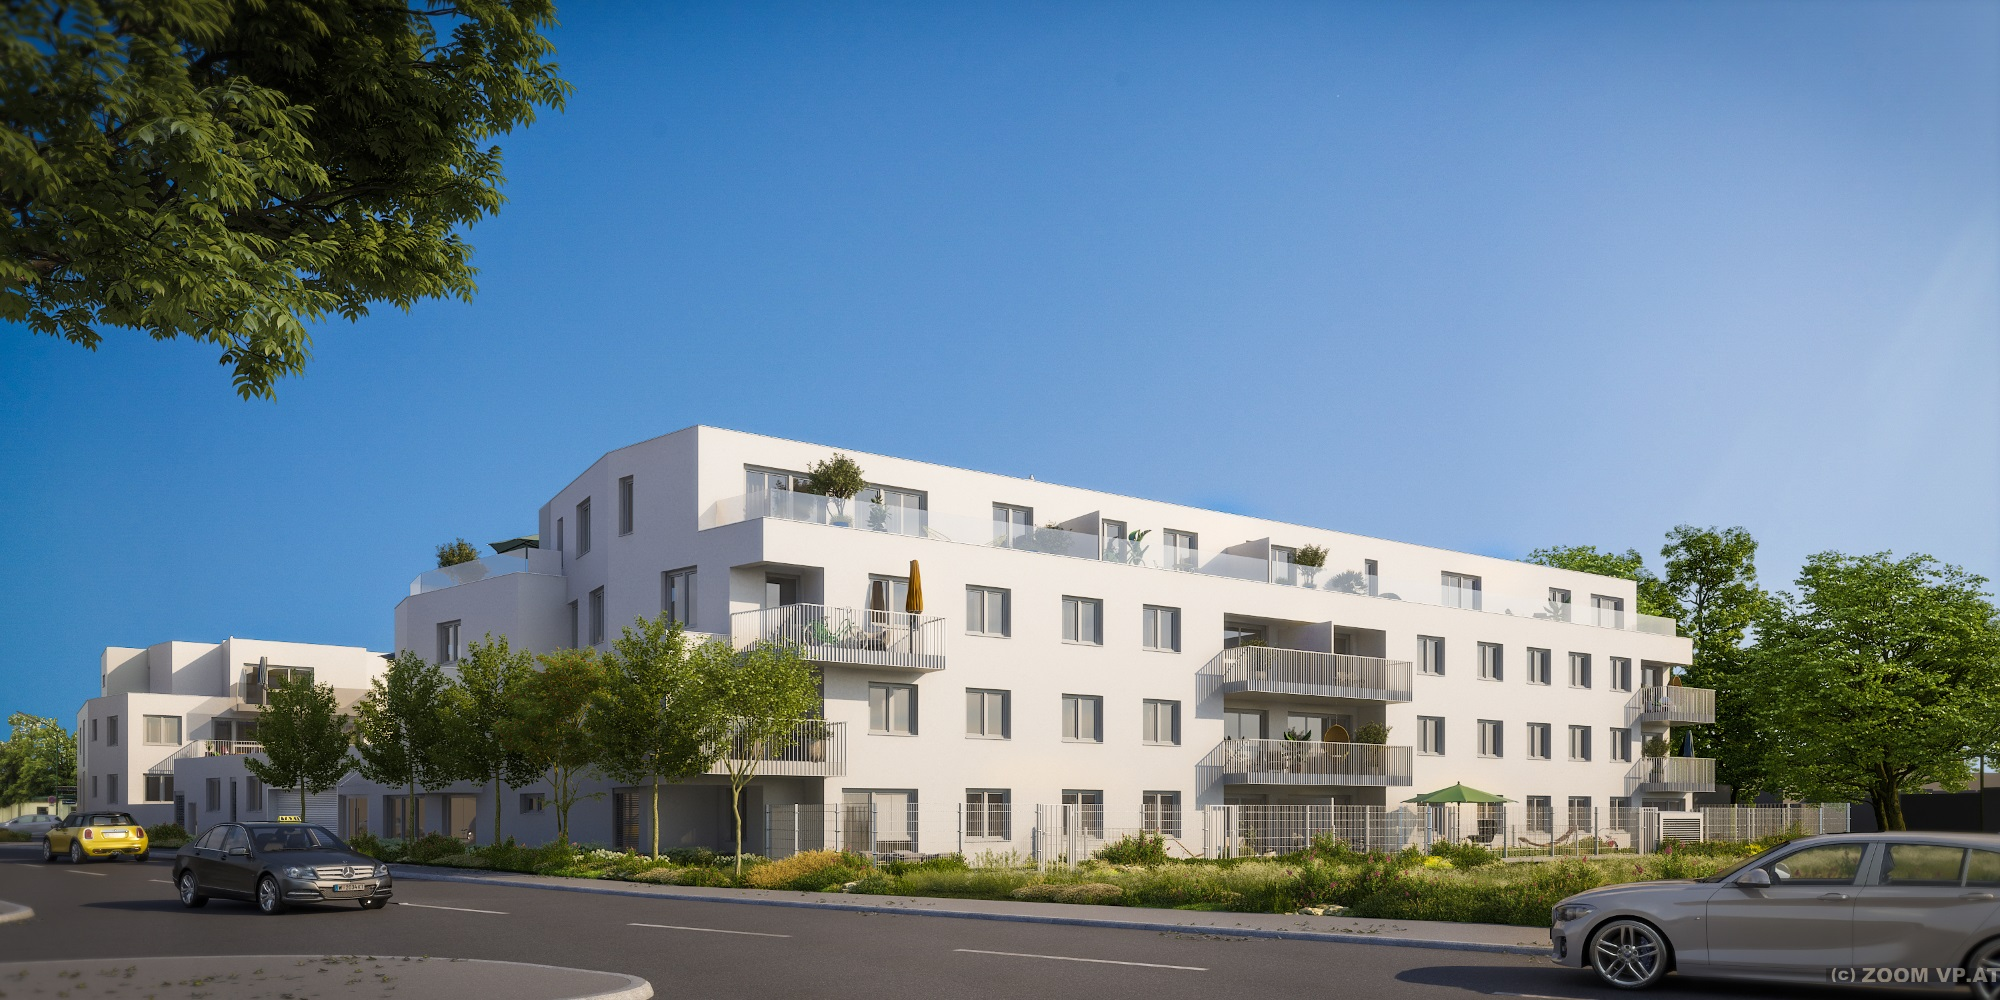 ARWAG: Wohnhaus Baumergarten. Entwurf:  ZOOMVP.